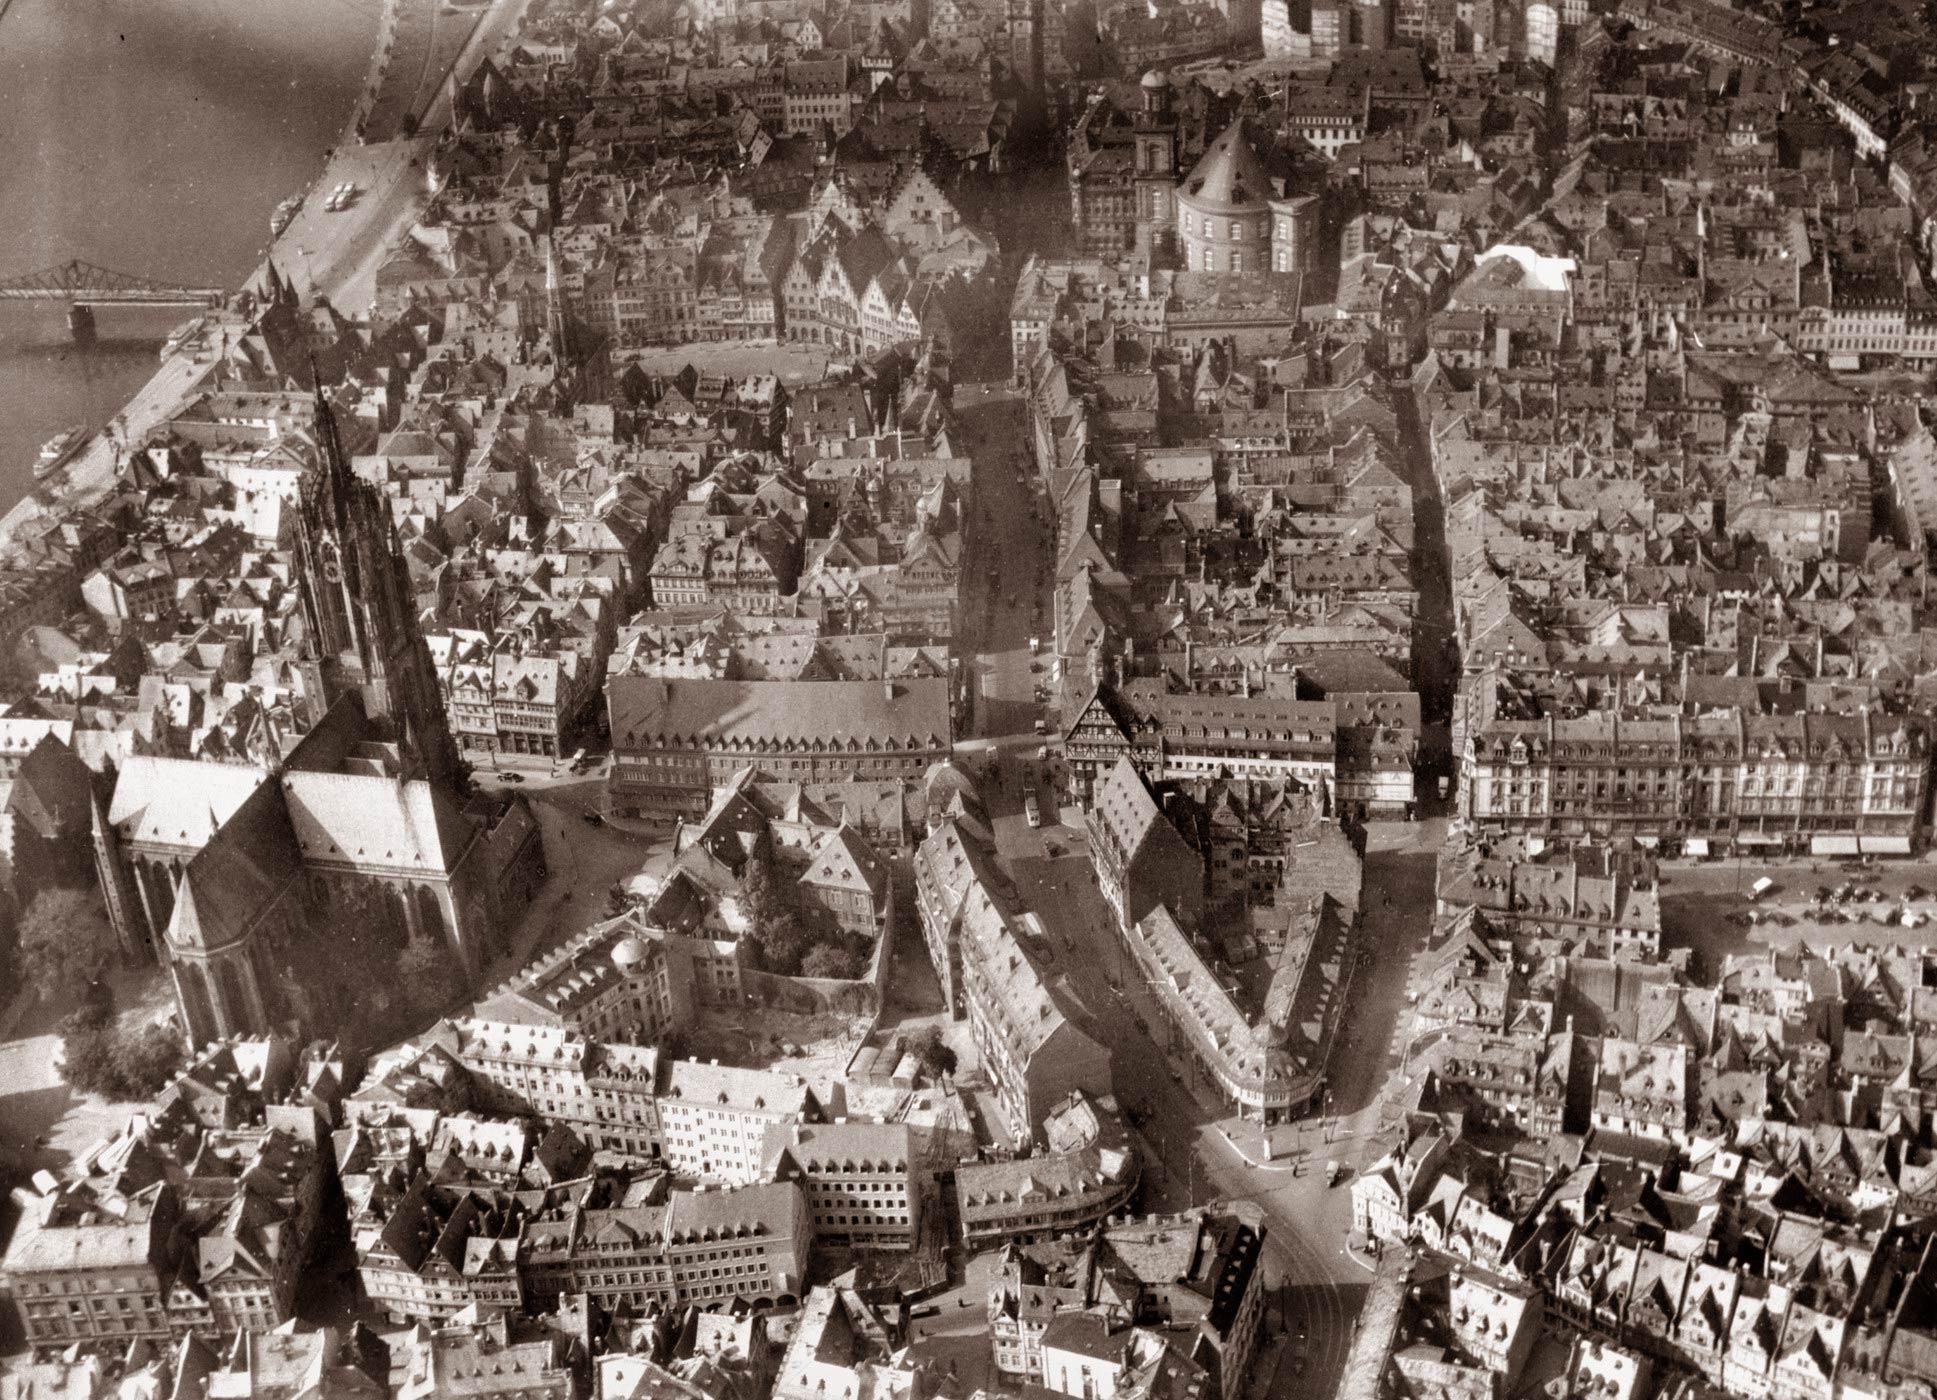 Historische Altstadt Frankfurt - im Jahr 1942 - vor der Zerstörung